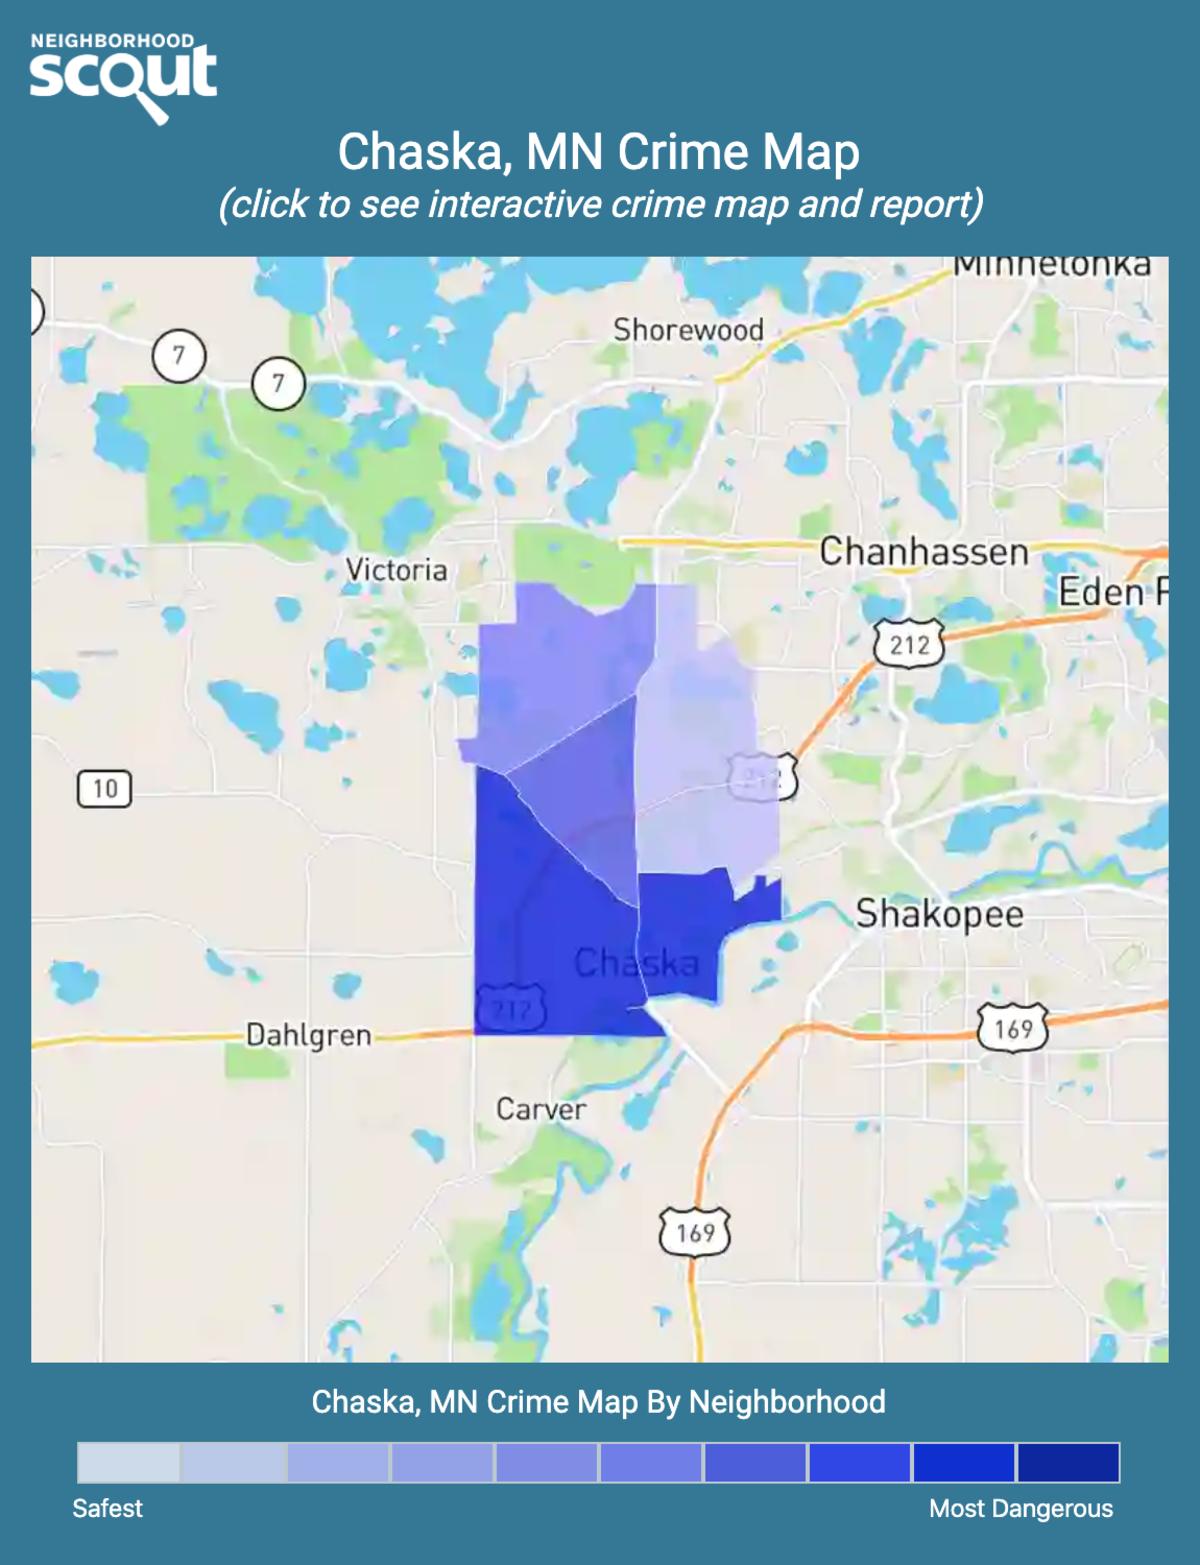 Chaska, Minnesota crime map